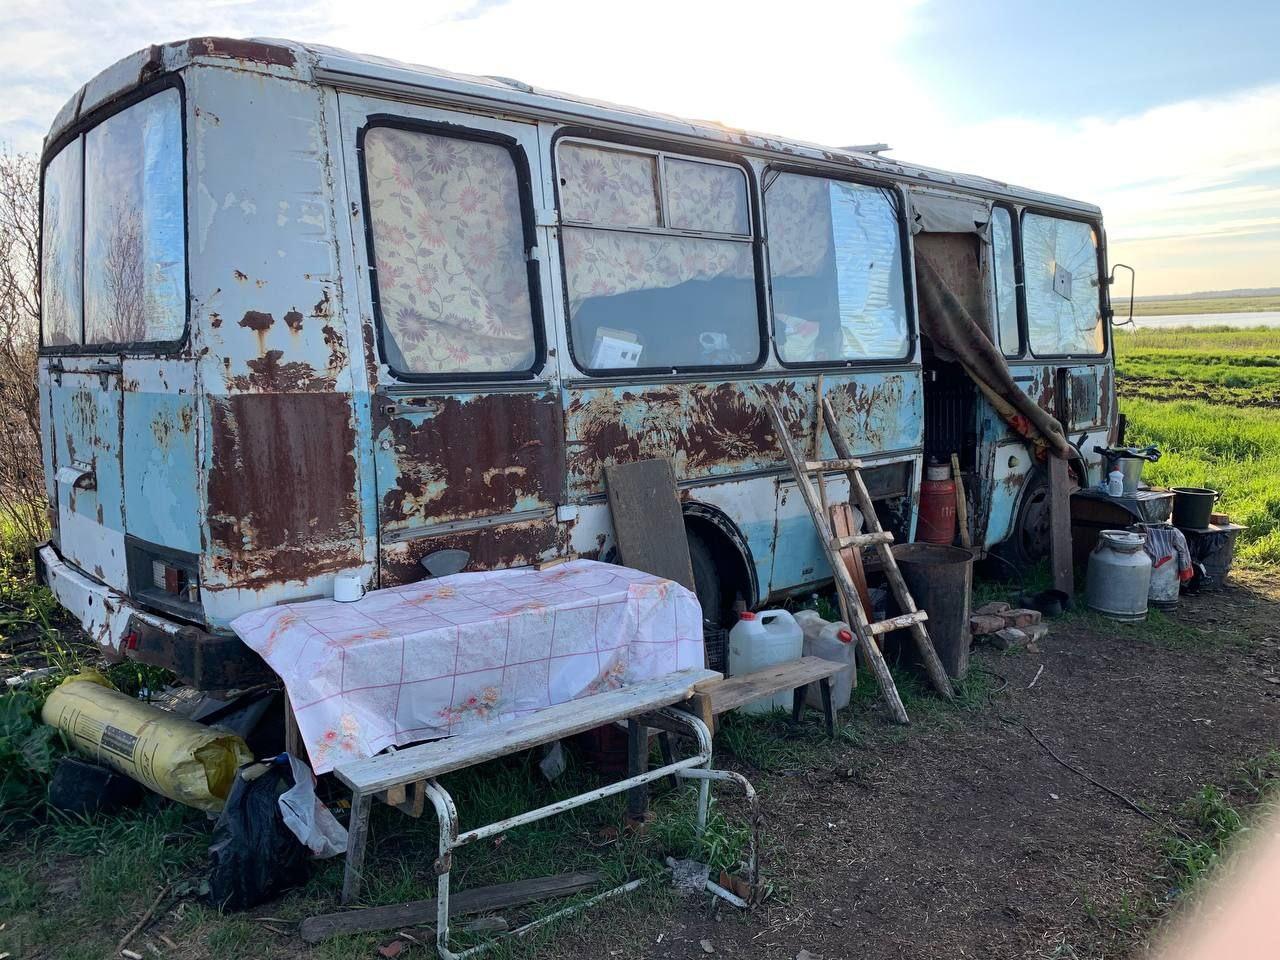 Жители сгоревшей деревни в Омской области так и не получили реальной помощи #Омск #Общество #Сегодня